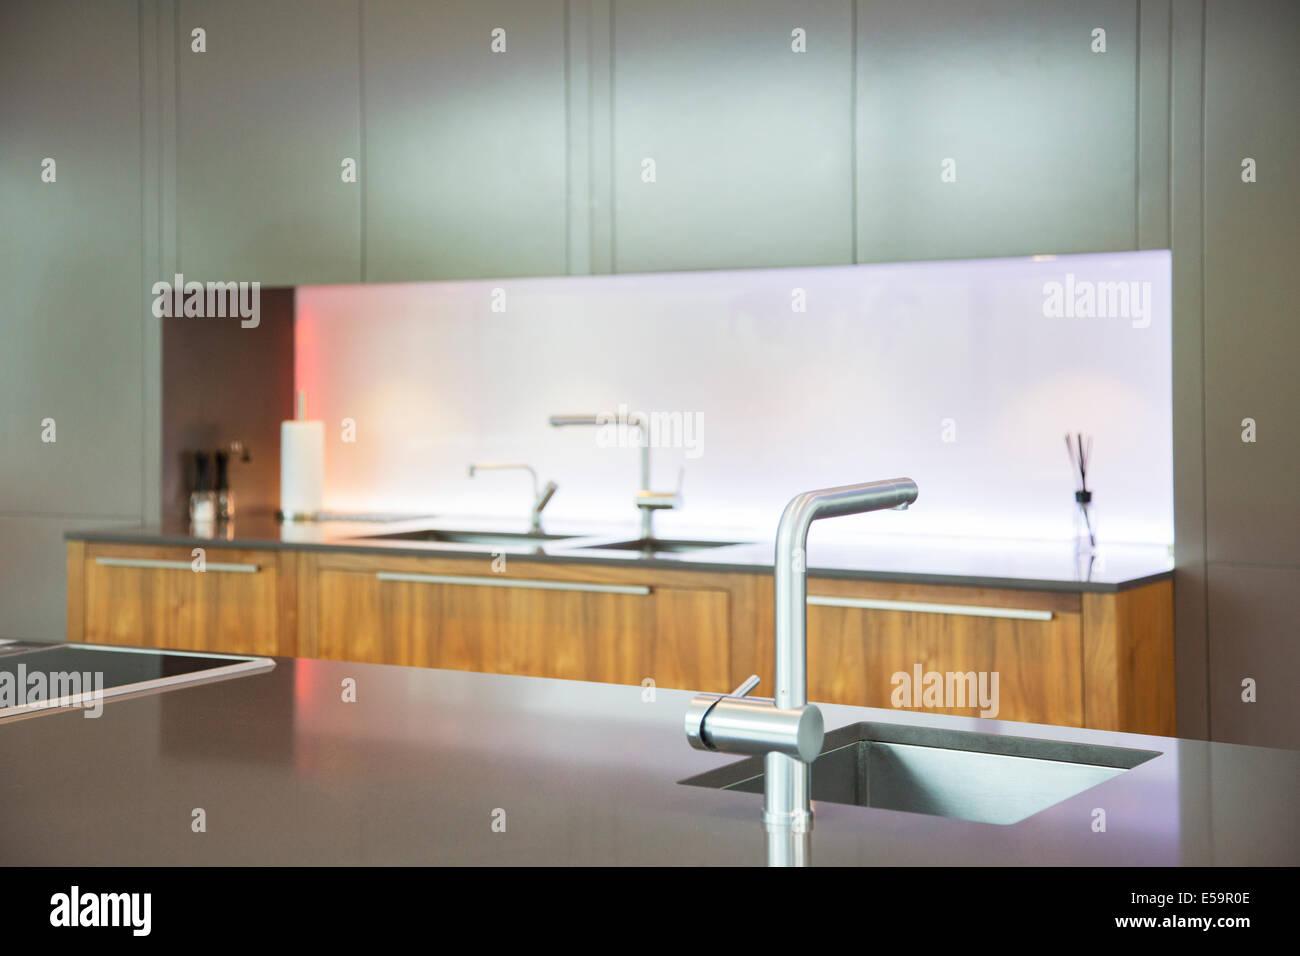 Faucet photos faucet images alamy for Robinet cuisine moderne